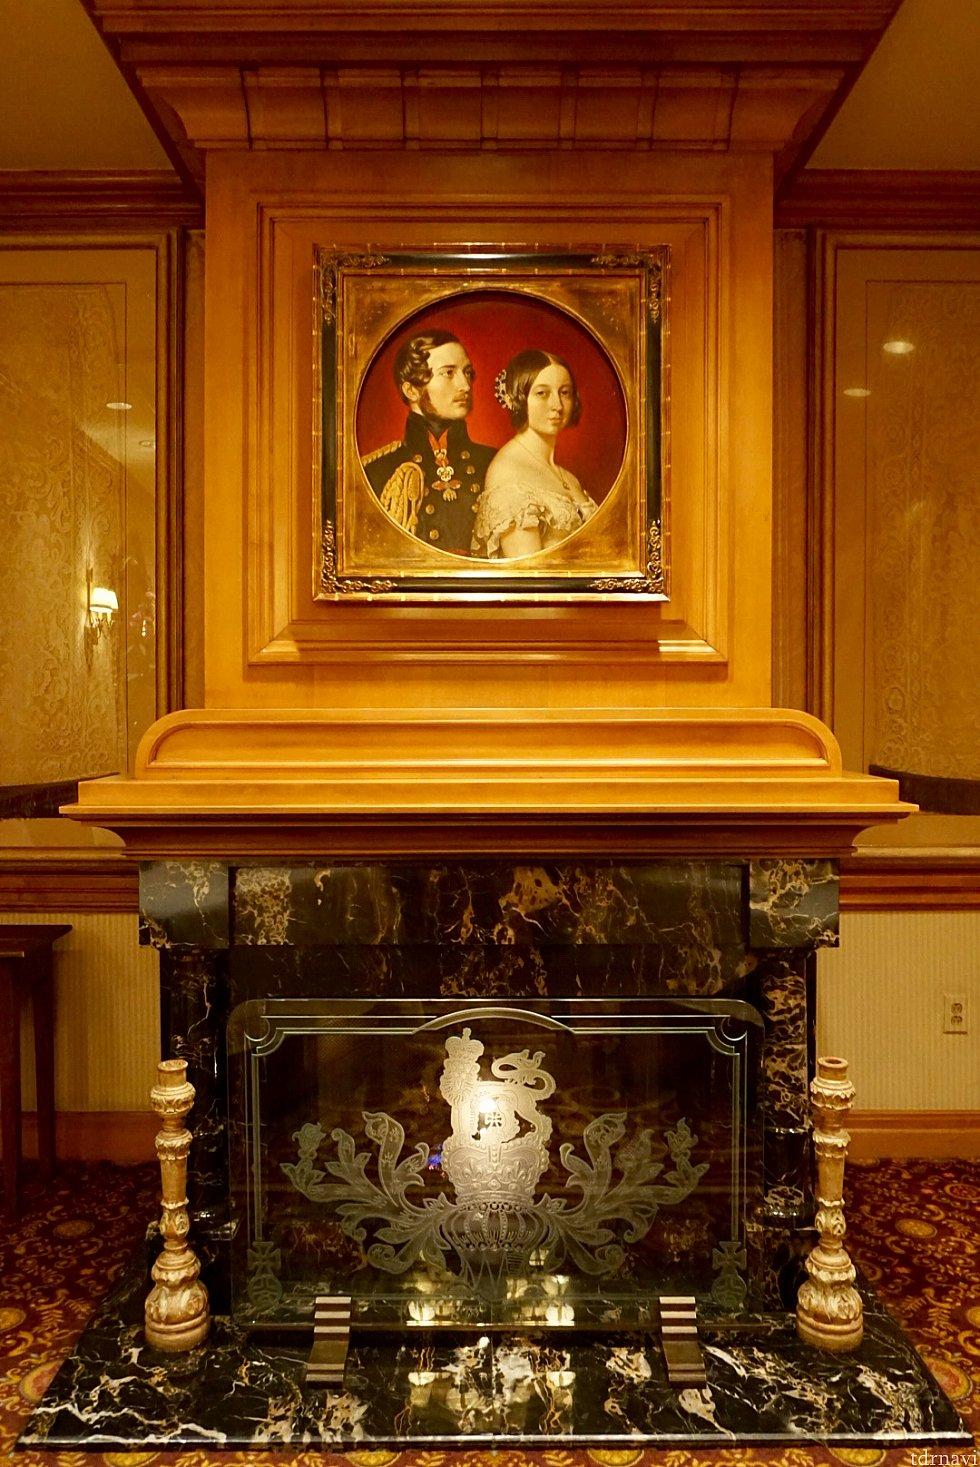 クイーンビクトリアと、プリンスアルバートさんの肖像画が立派な暖炉の上に飾られています。